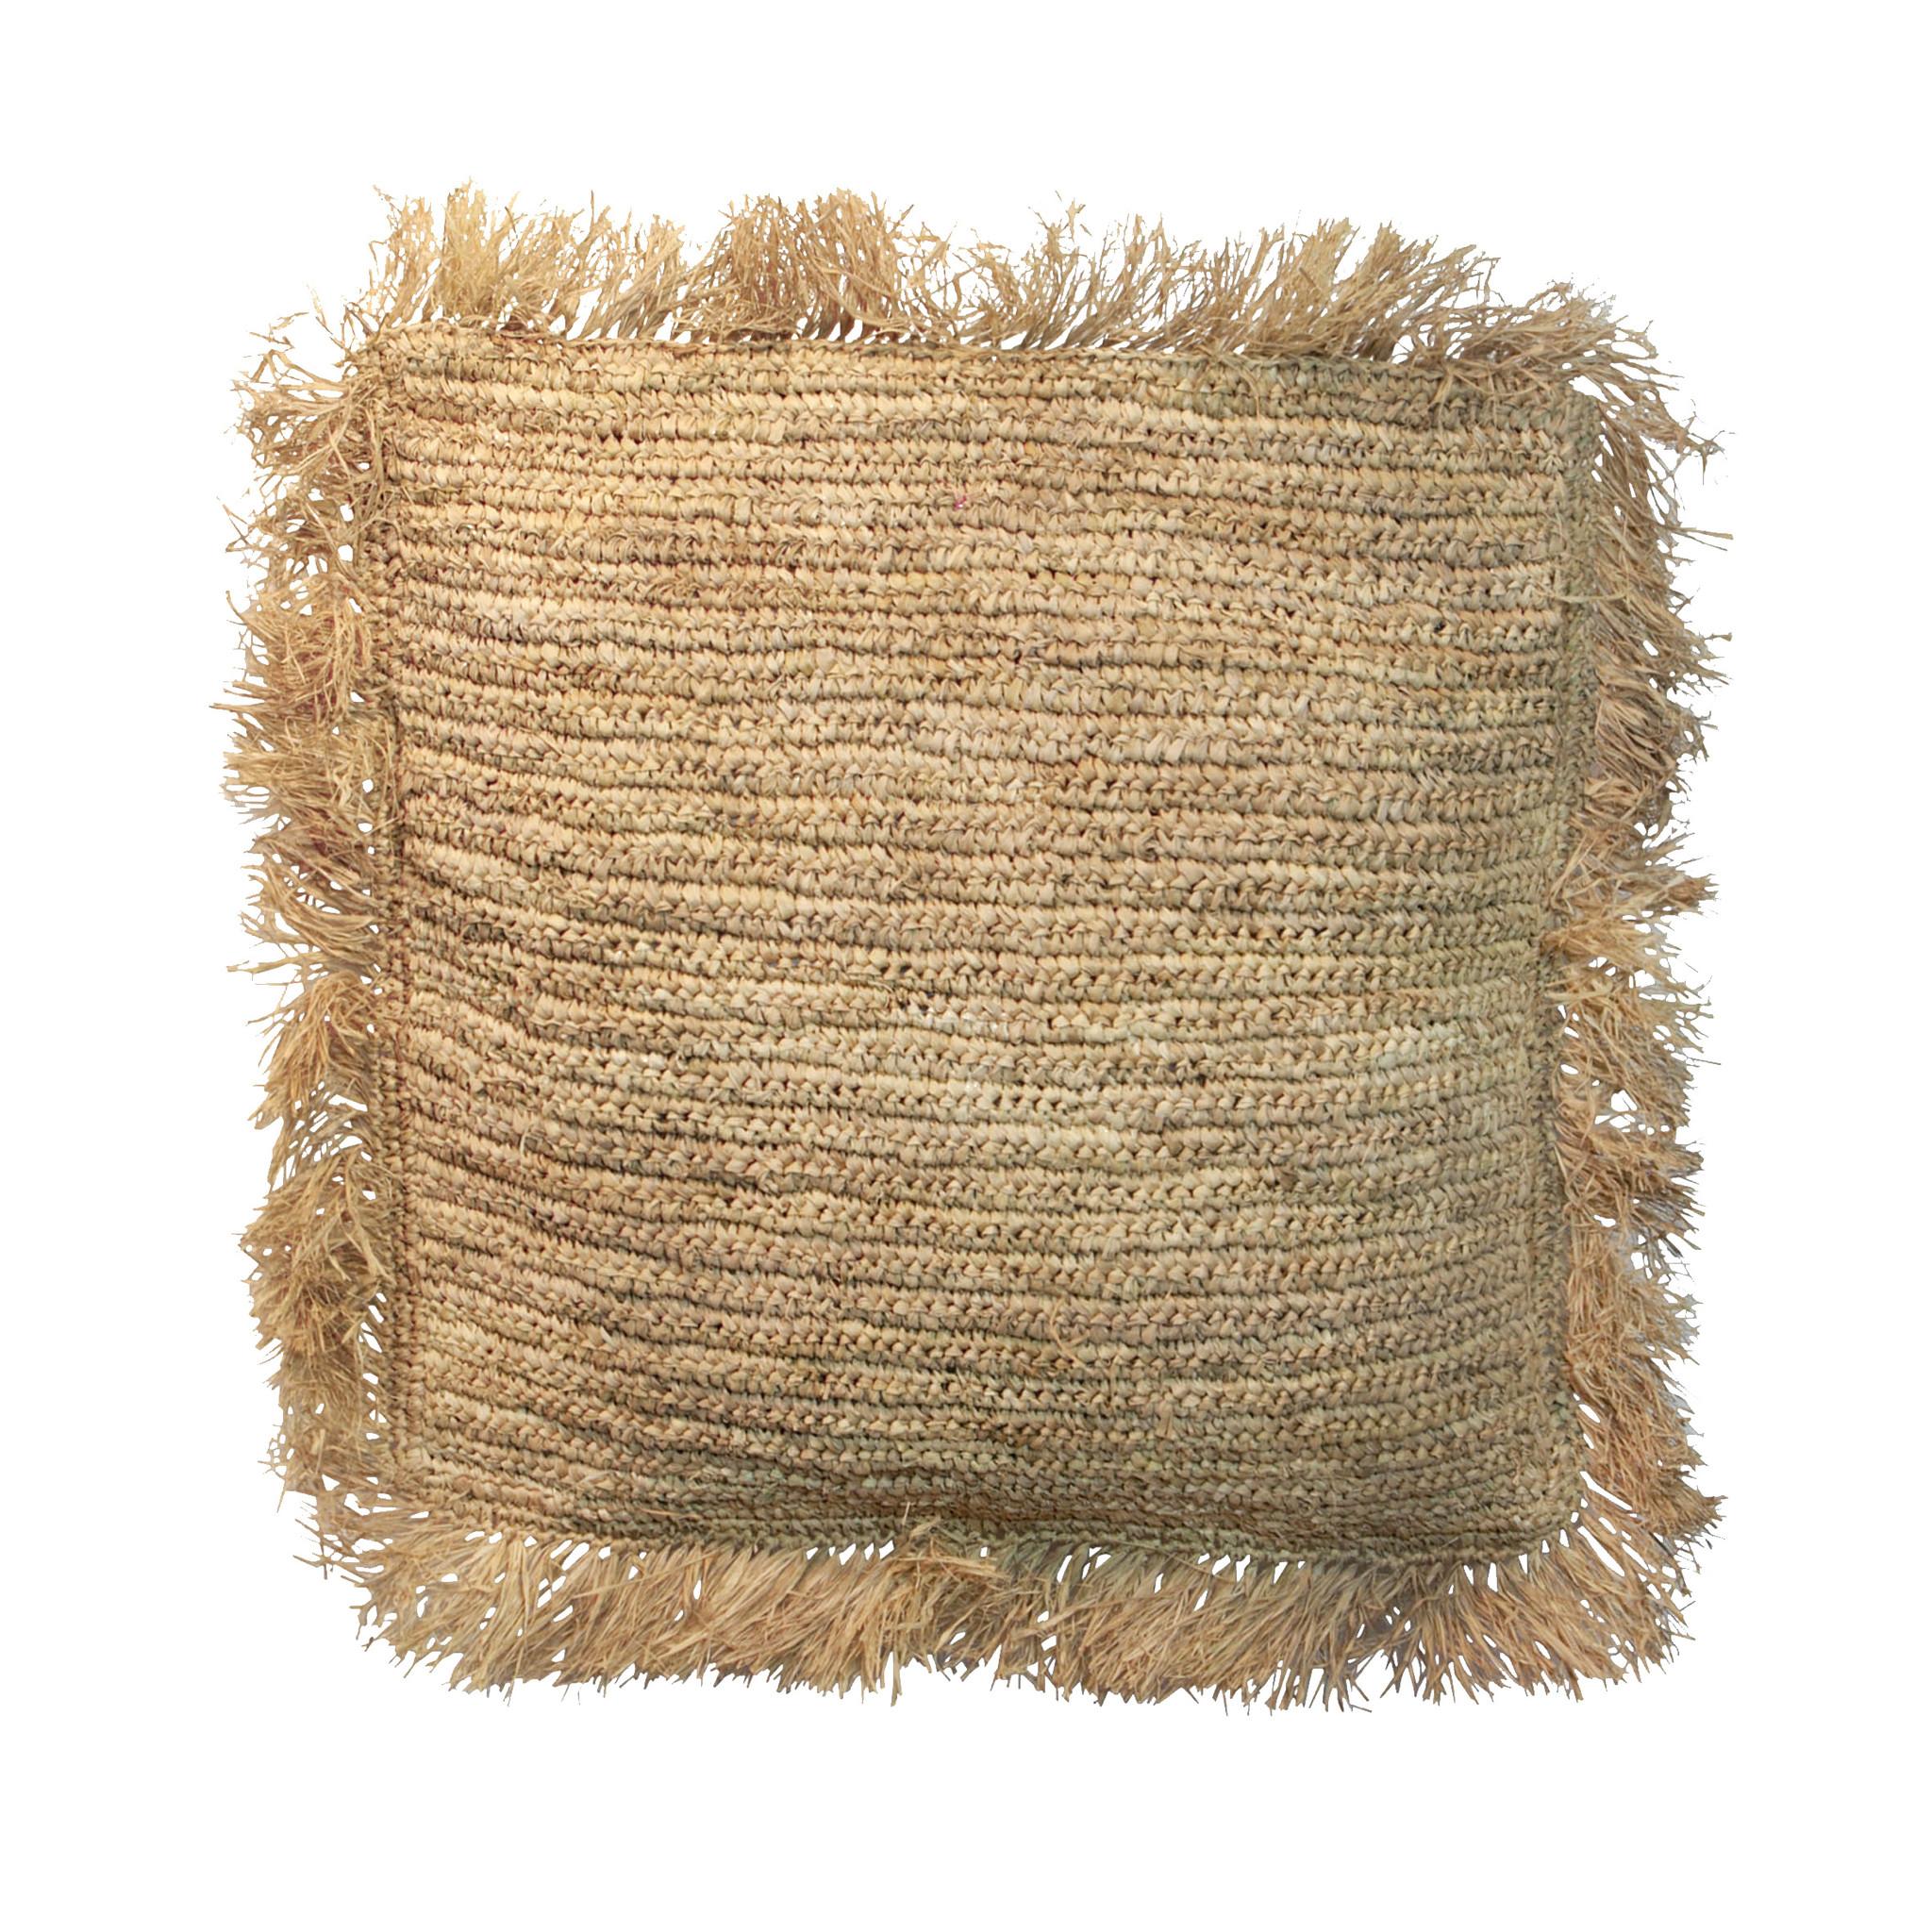 Coussin en raphia - 60x60cm - natural